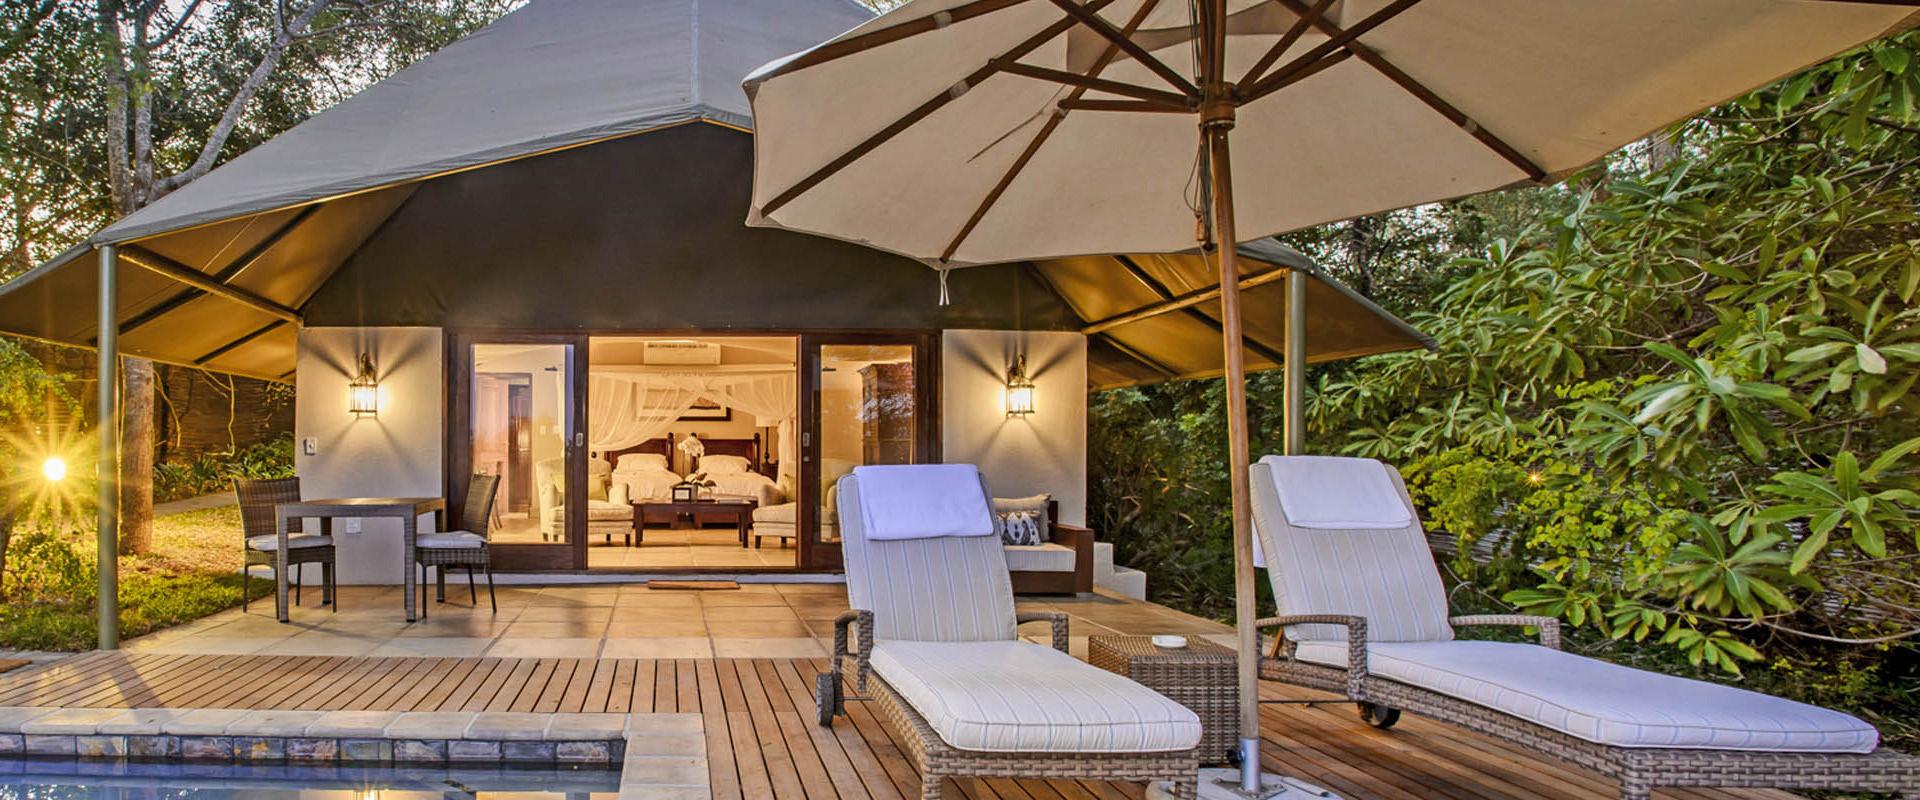 11 days tanzania southern luxury safari